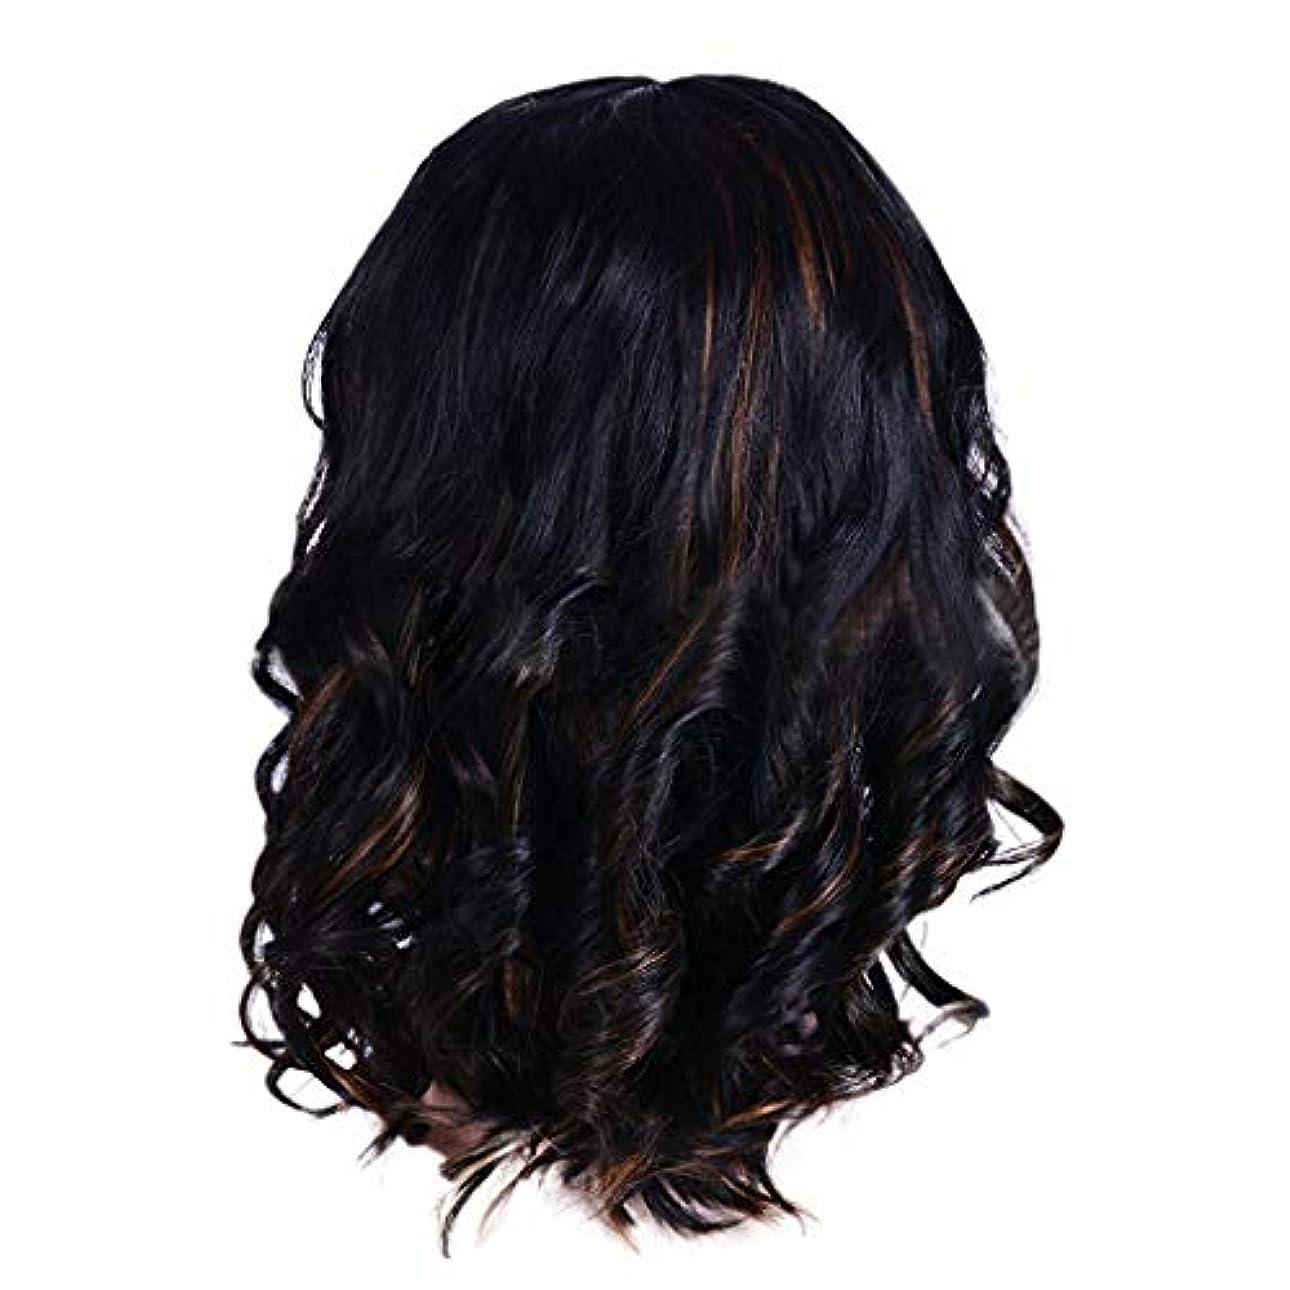 差別信じる老朽化したウィッグの女性の短い巻き毛の黒ボブエレガントなファッションウィッグ